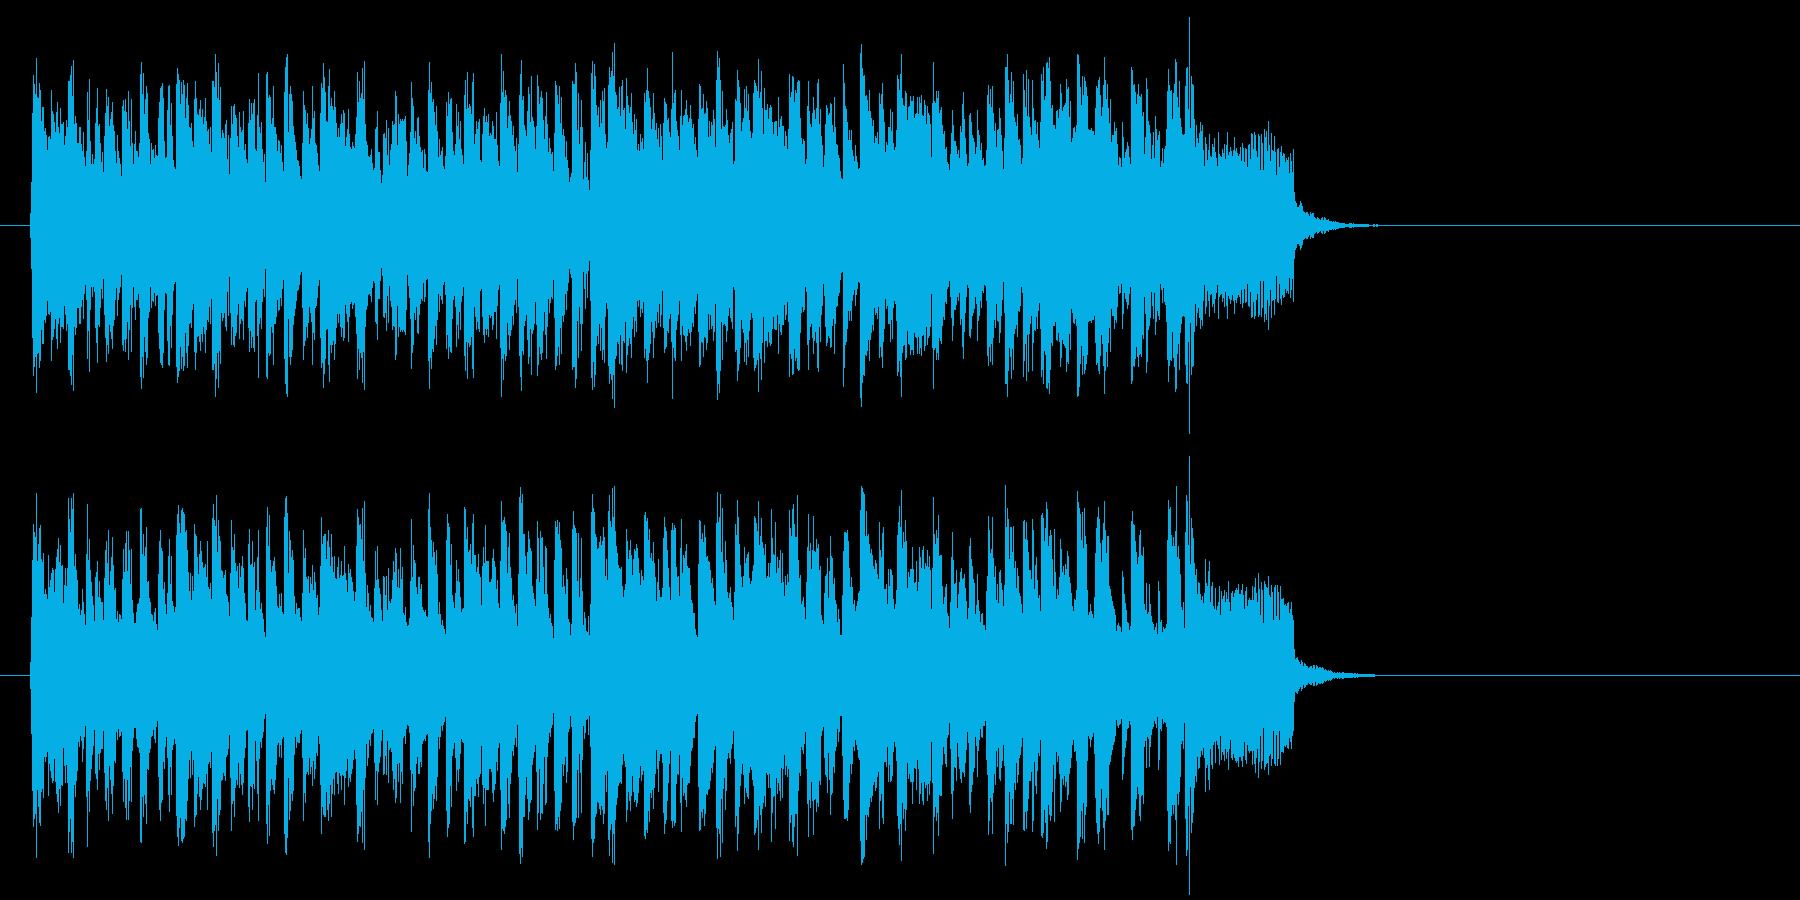 力強い歌謡曲風ポップス(サビ)の再生済みの波形